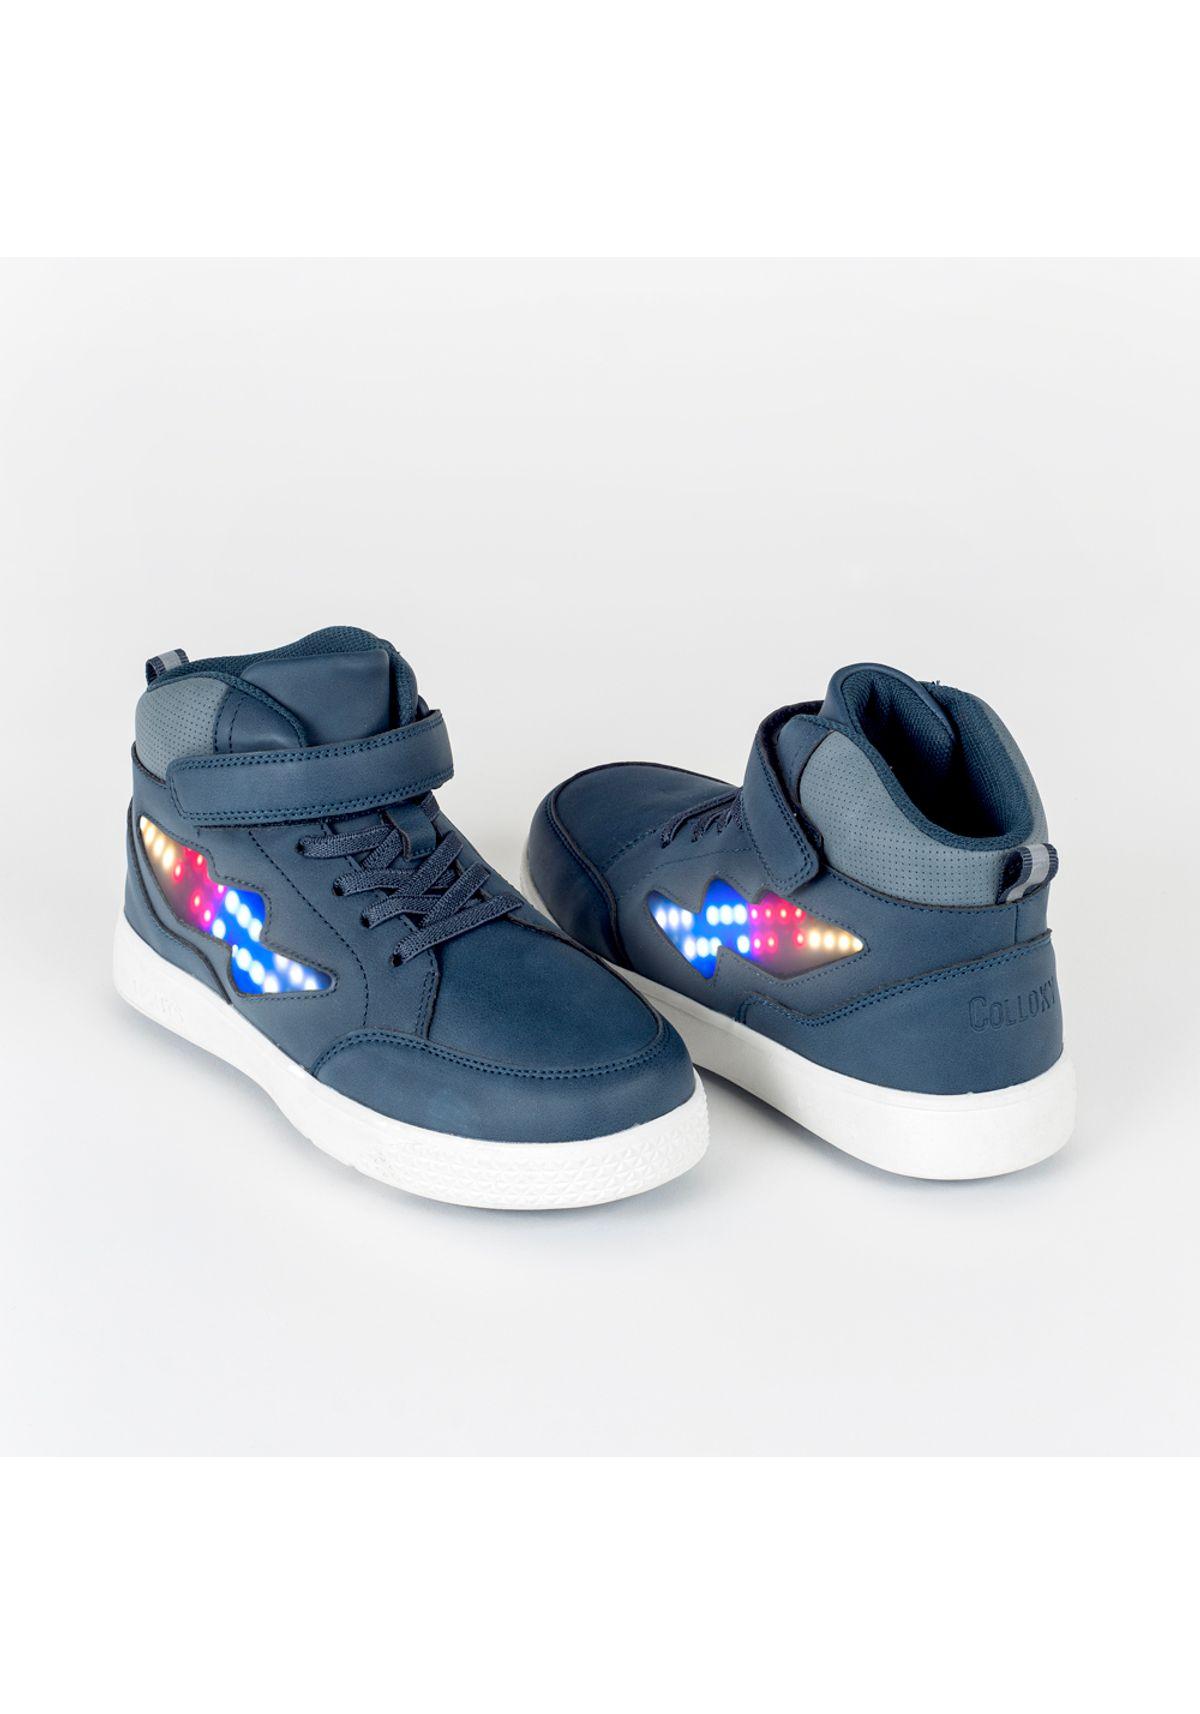 televisor Escudriñar Seguro  Zapatilla luces de niño LED velcro elastico azul (28 a 36) - Colloky Chile